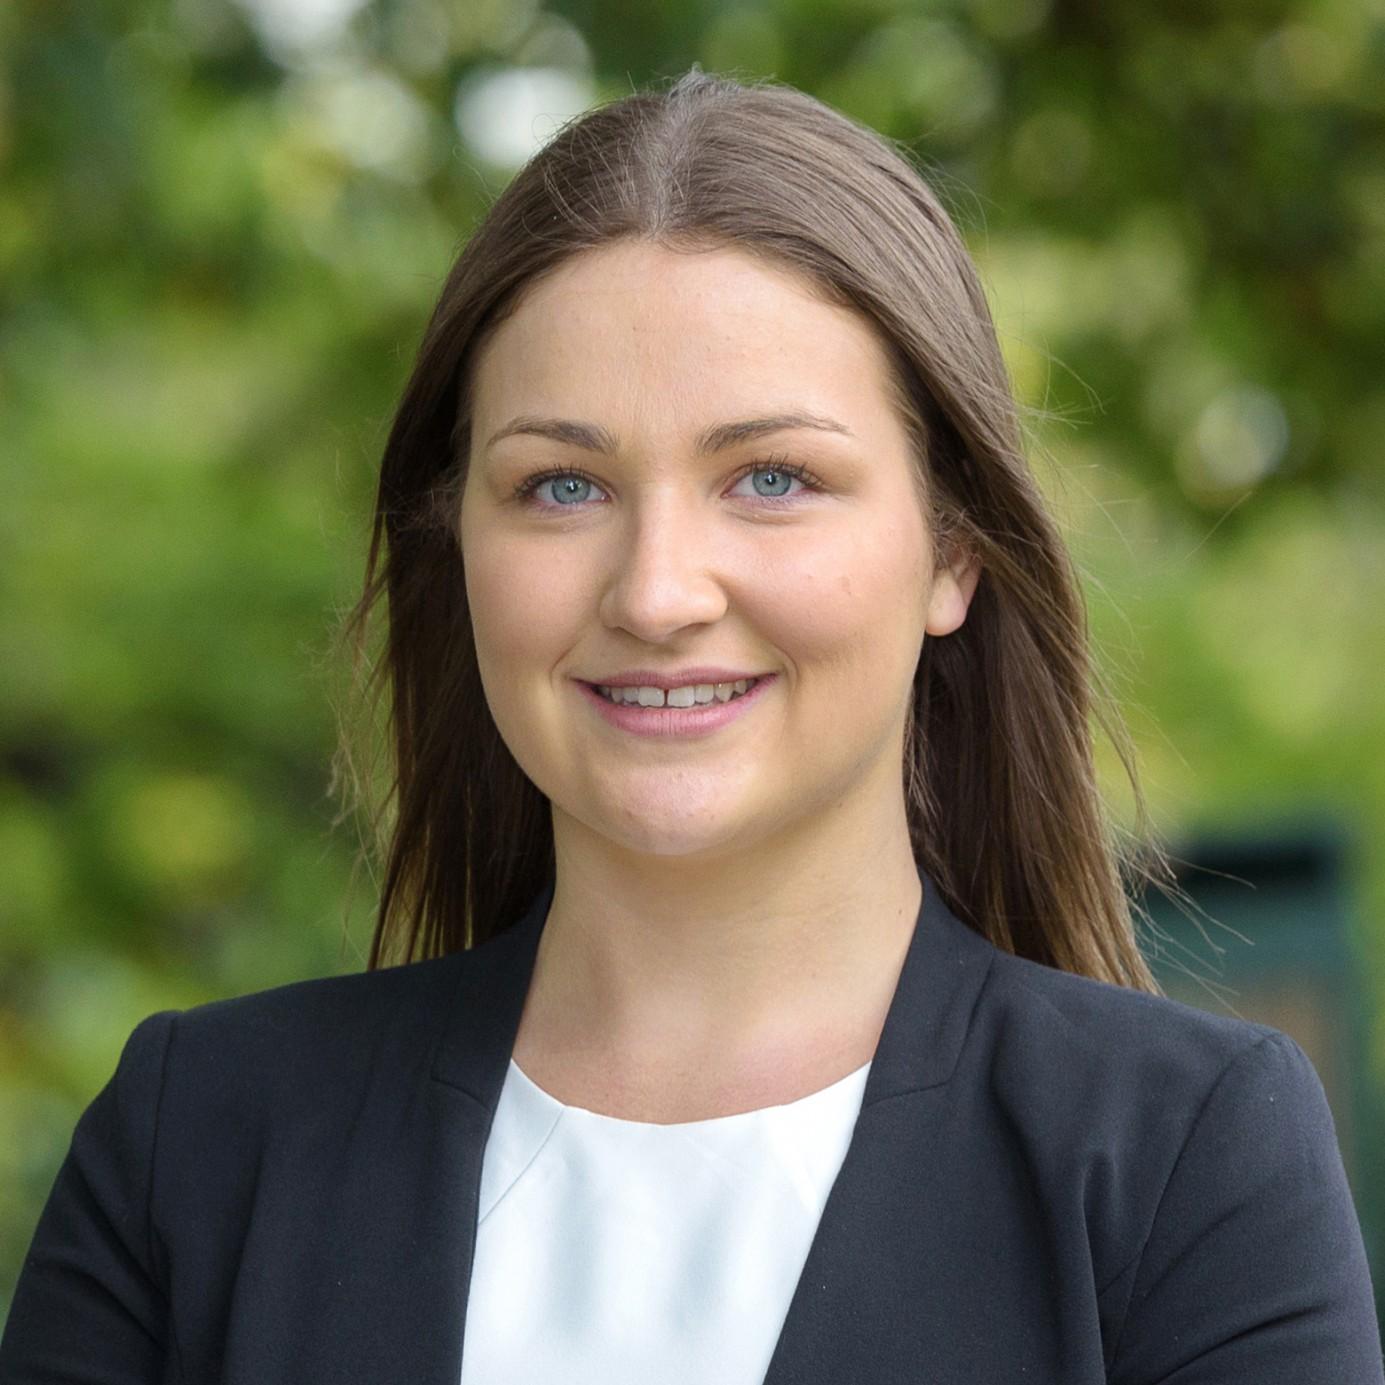 Paige Phillips